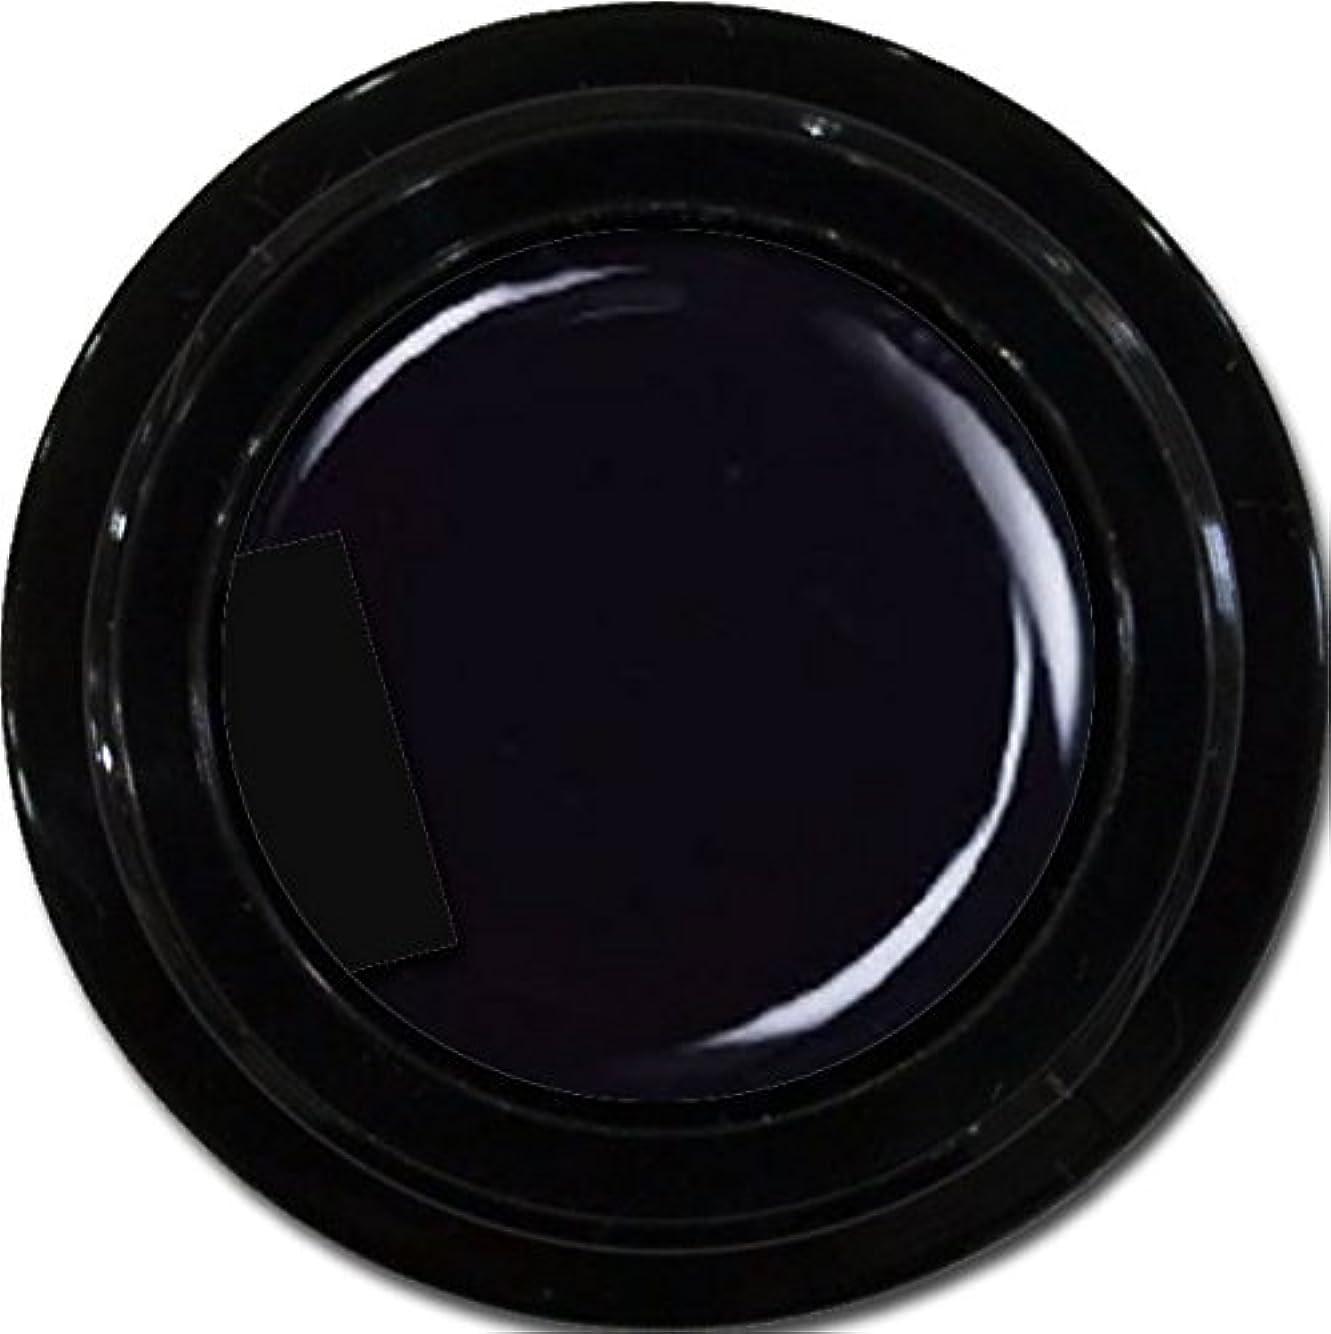 私たち自身エンゲージメントホイッスルカラージェル enchant color gel M901 Extreme Black 3g/マットカラージェル M901 エクストリームブラック 3グラム